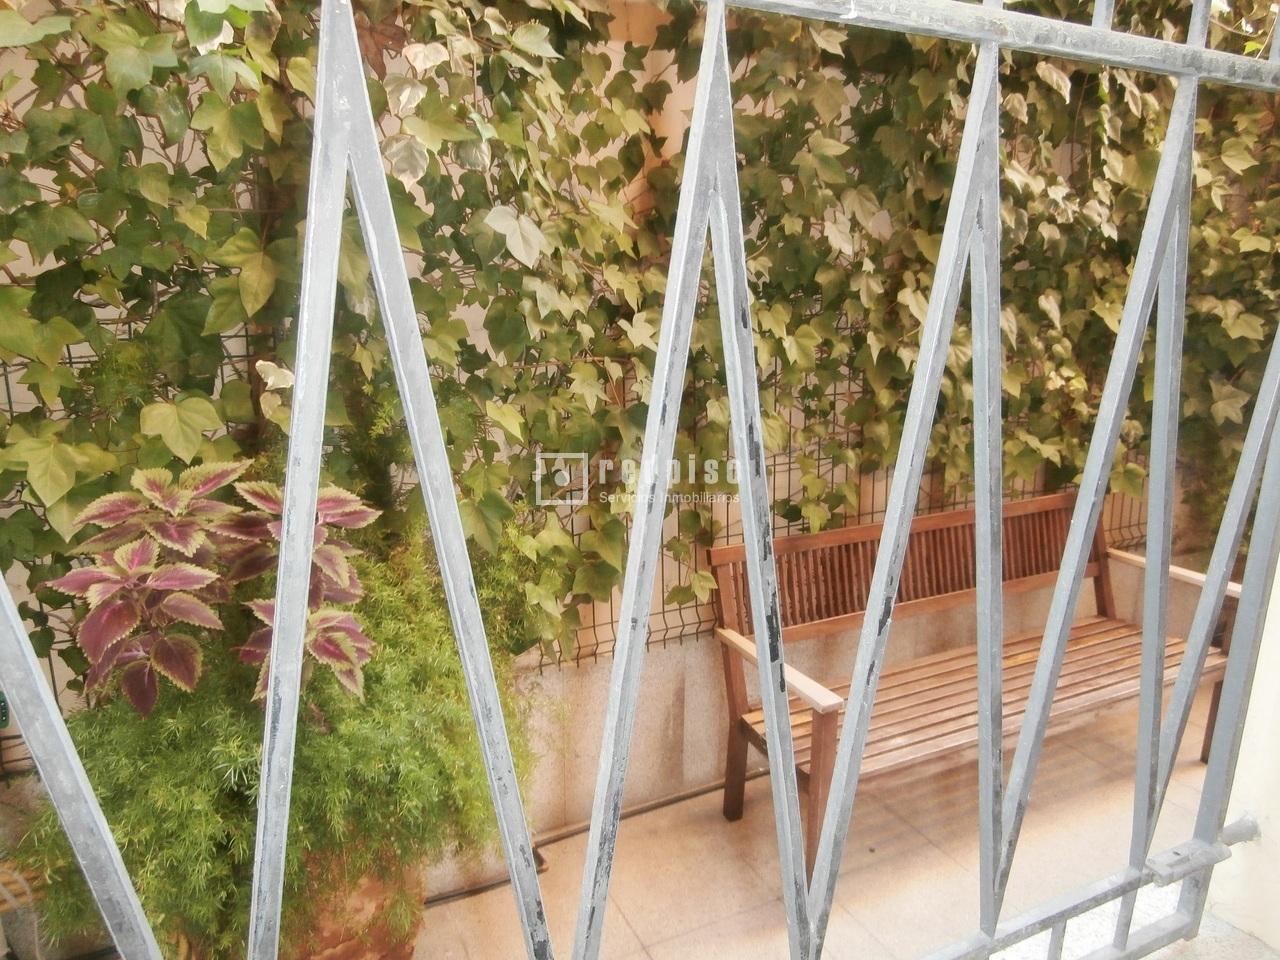 Piso en venta en calle iturbe fuente del berro salamanca for Alquiler piso fuente del berro